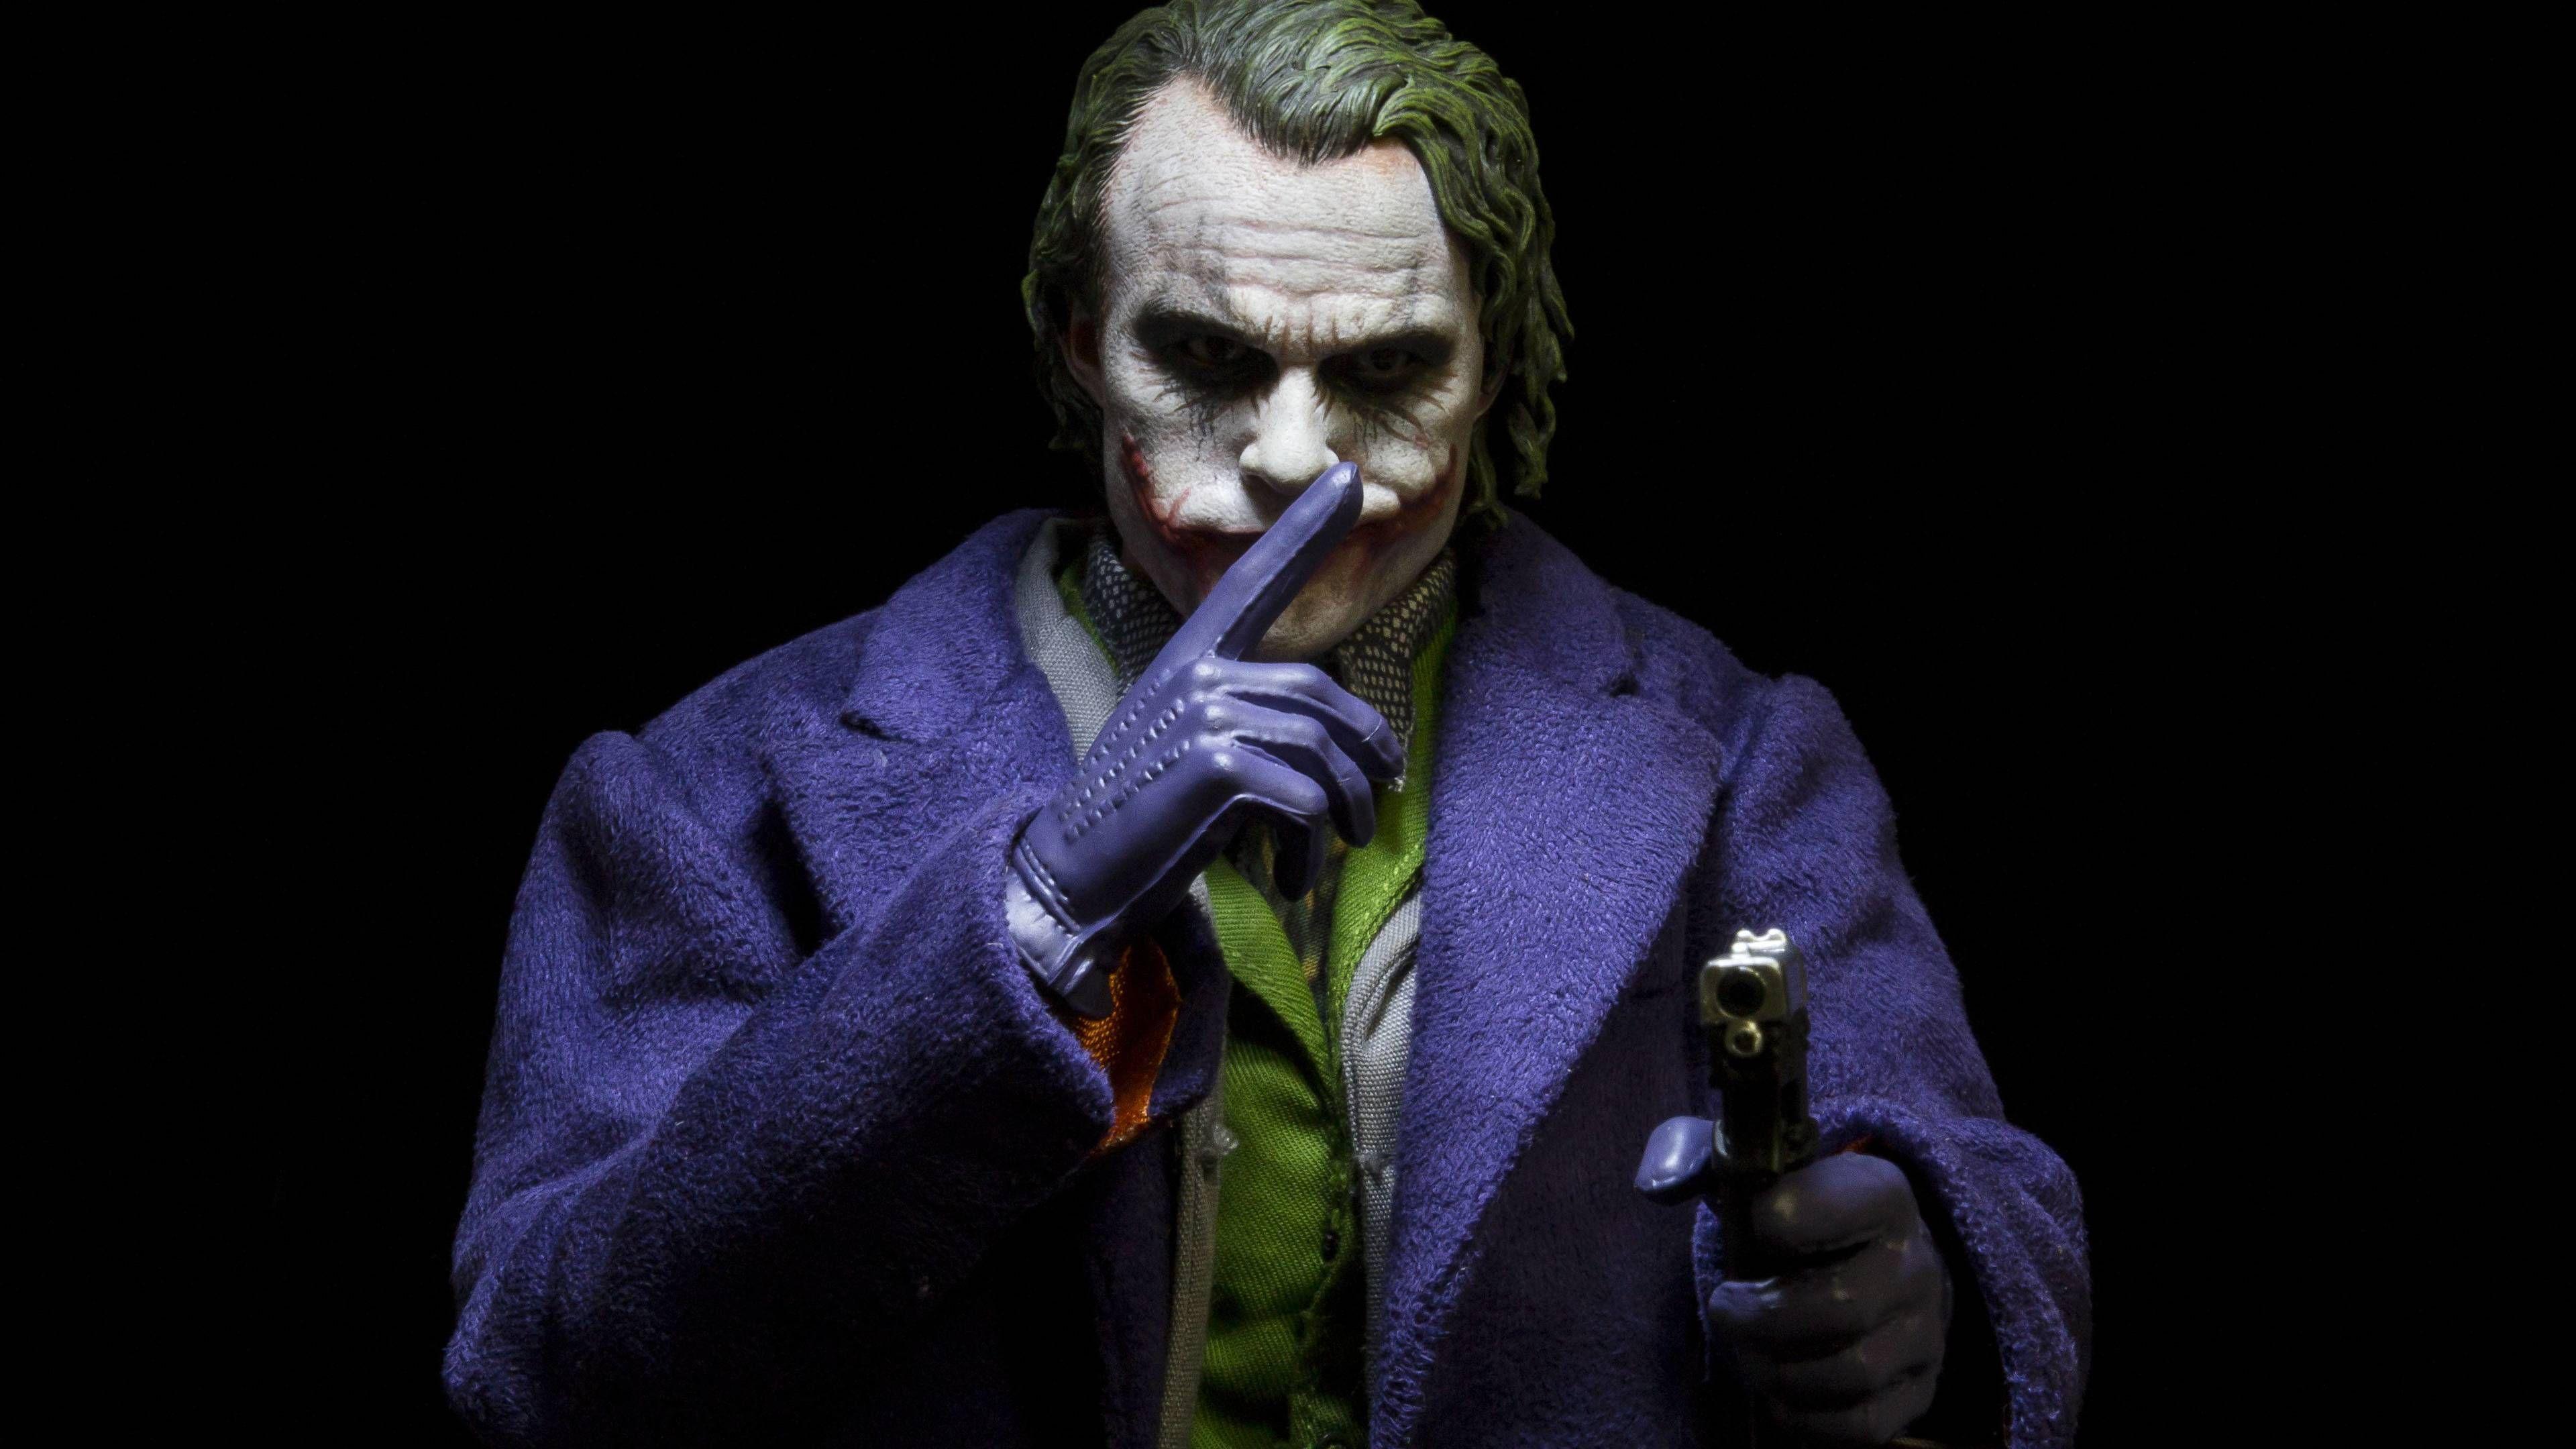 4k Ultra Hd Wallpaper Joker Hd 2952684 Hd Wallpaper Backgrounds Download